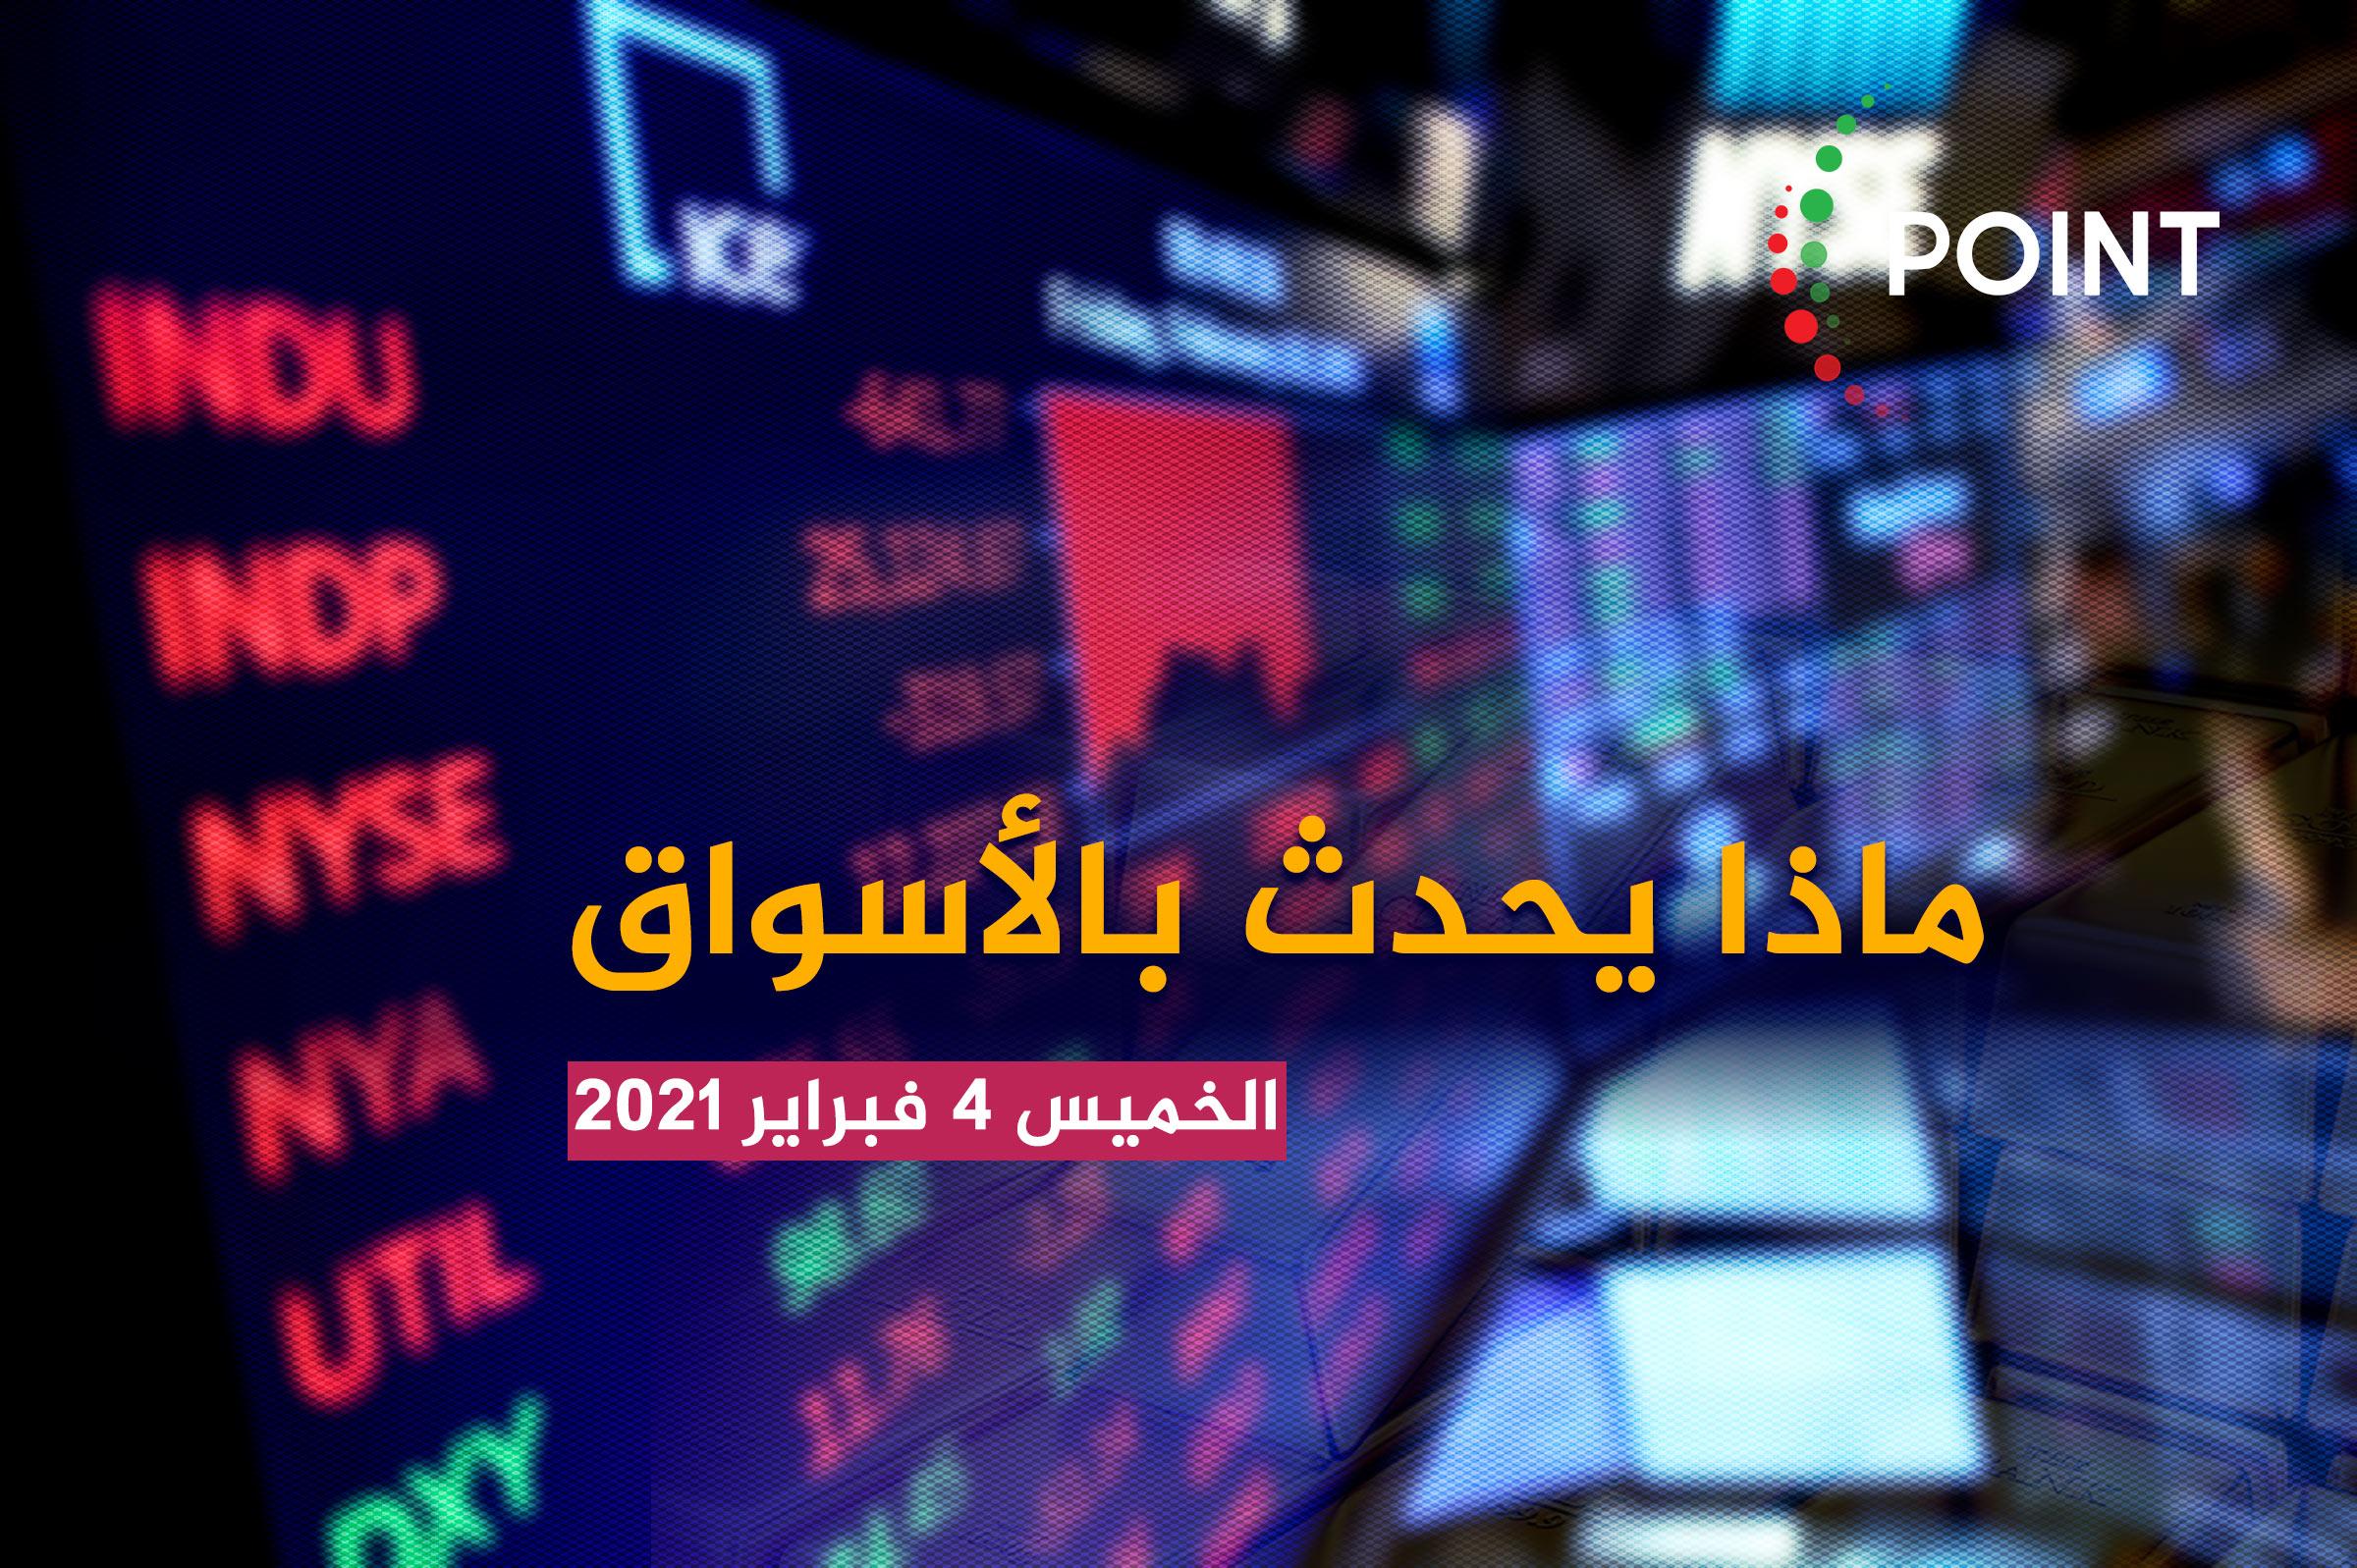 ماذا يحدث بالأسواق - الخميس 4 فبراير 2021